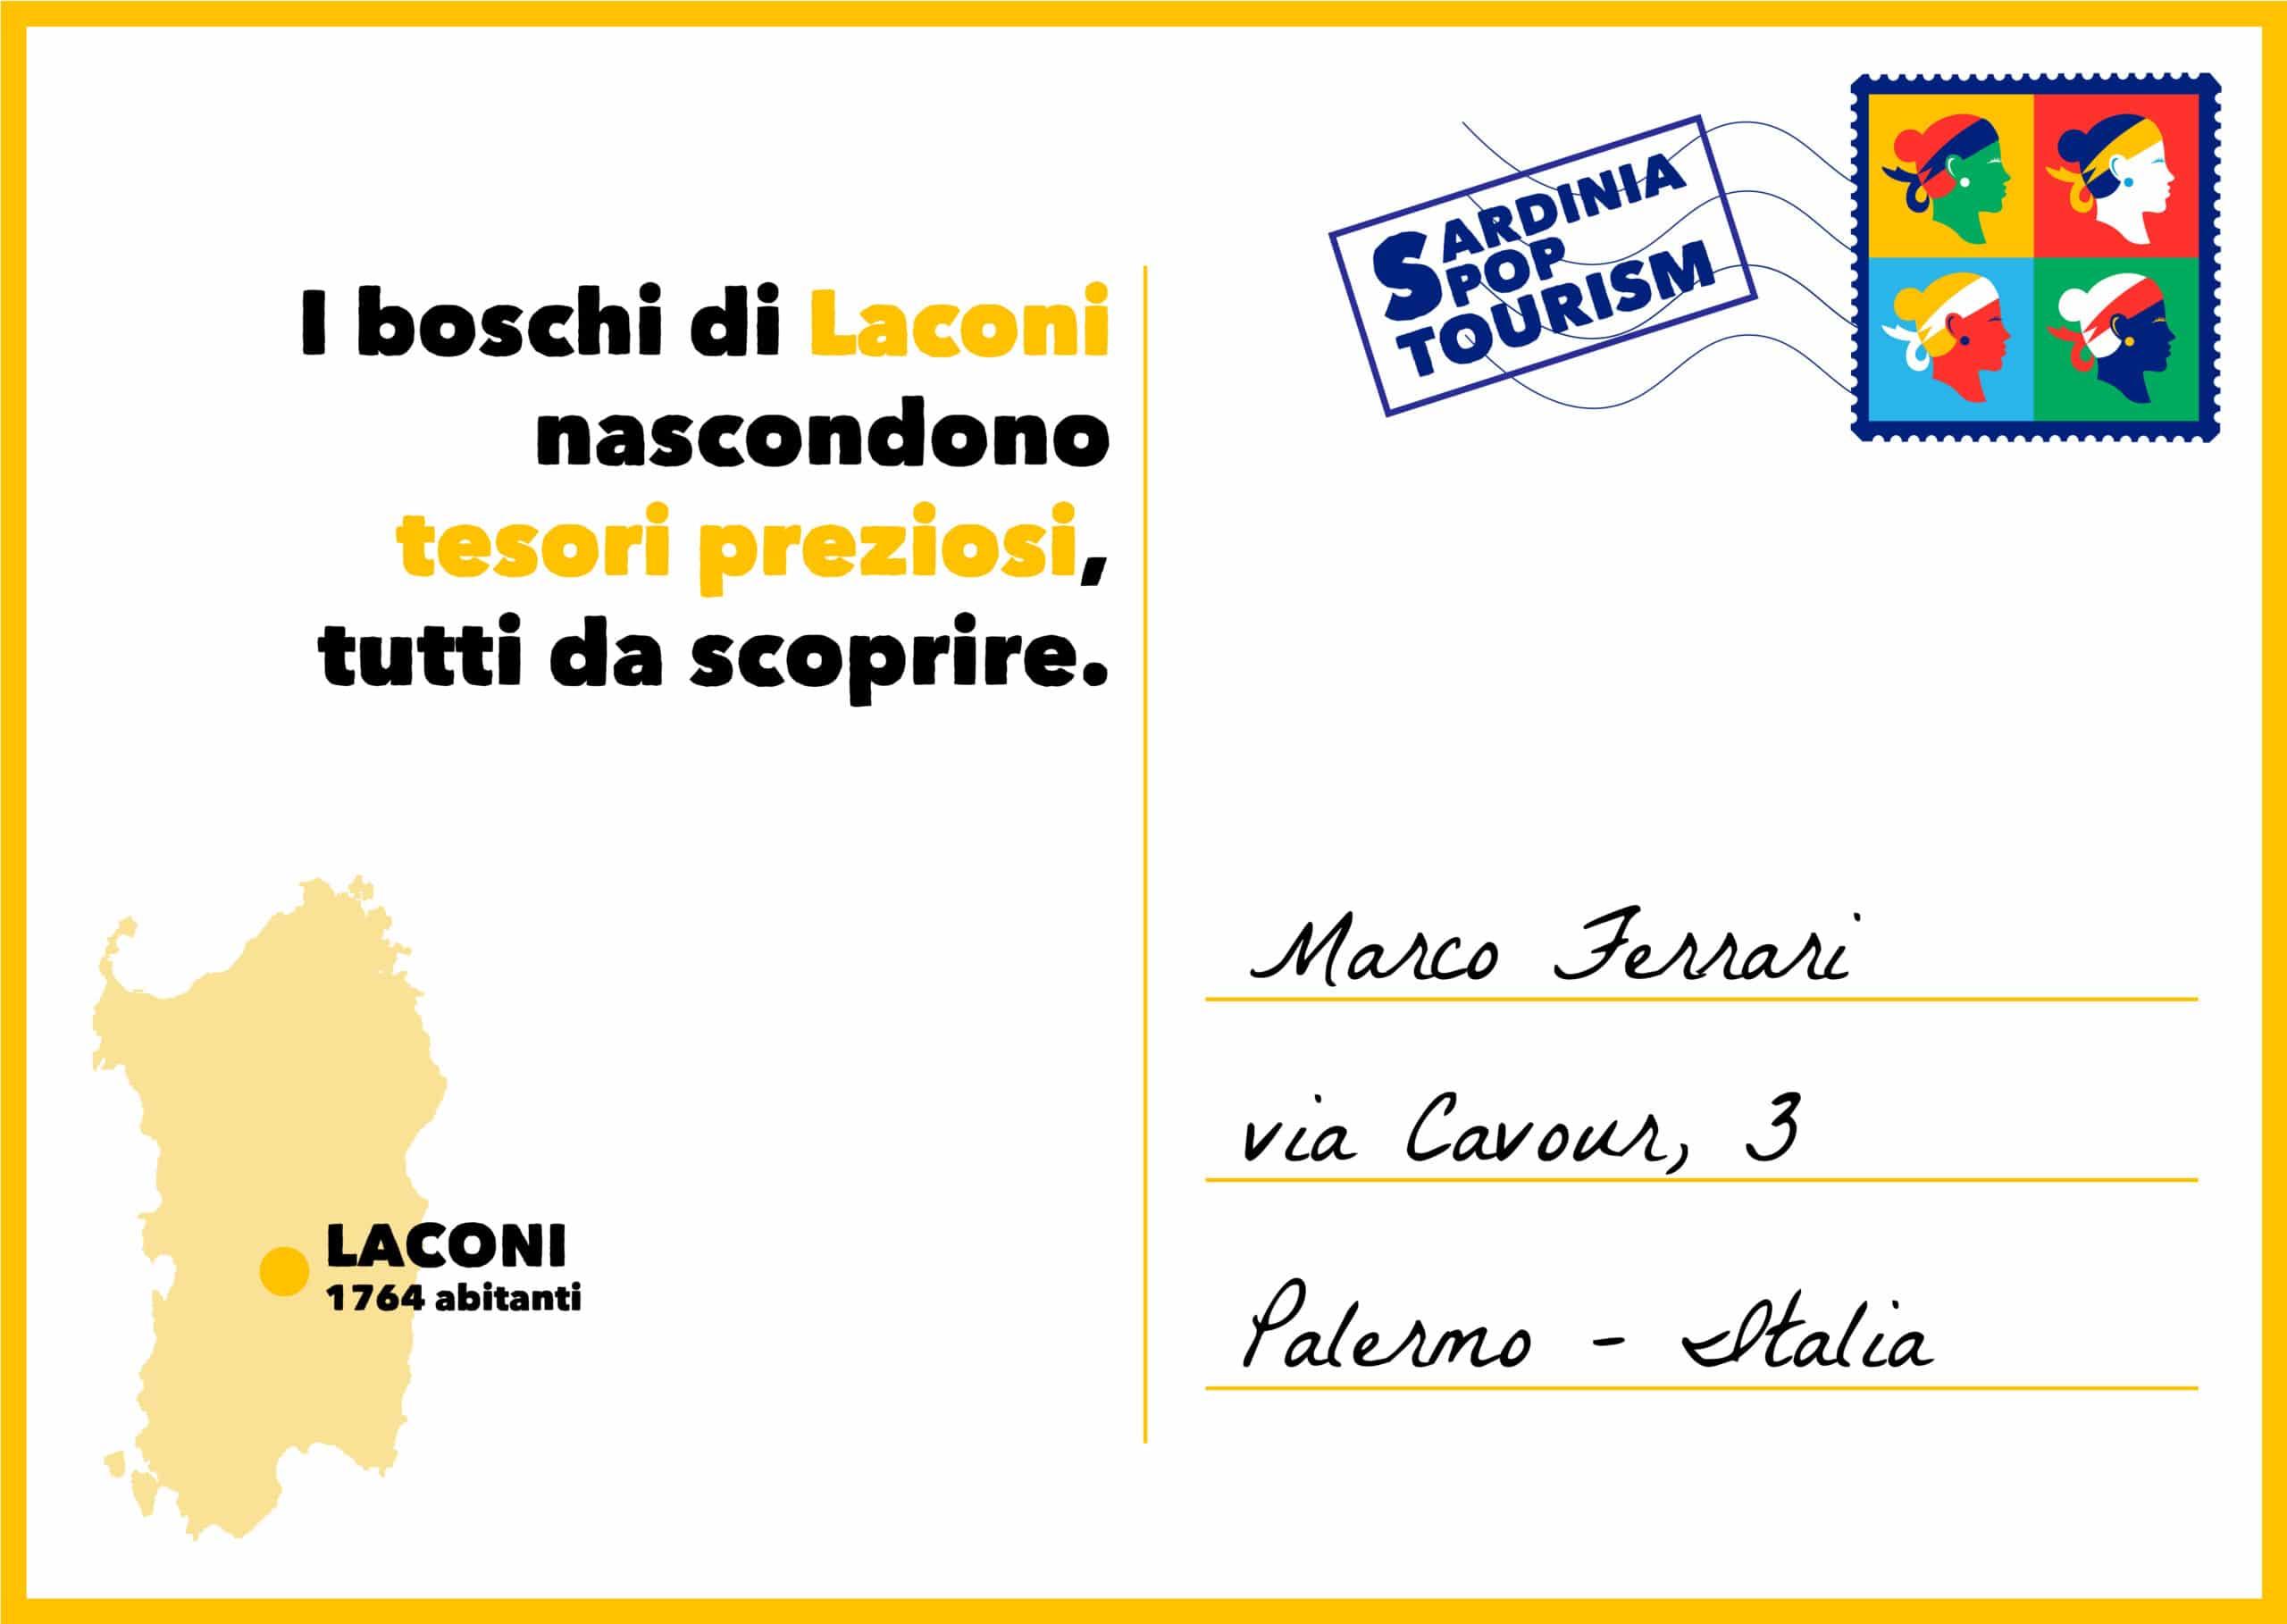 Laconi 02 1 scaled